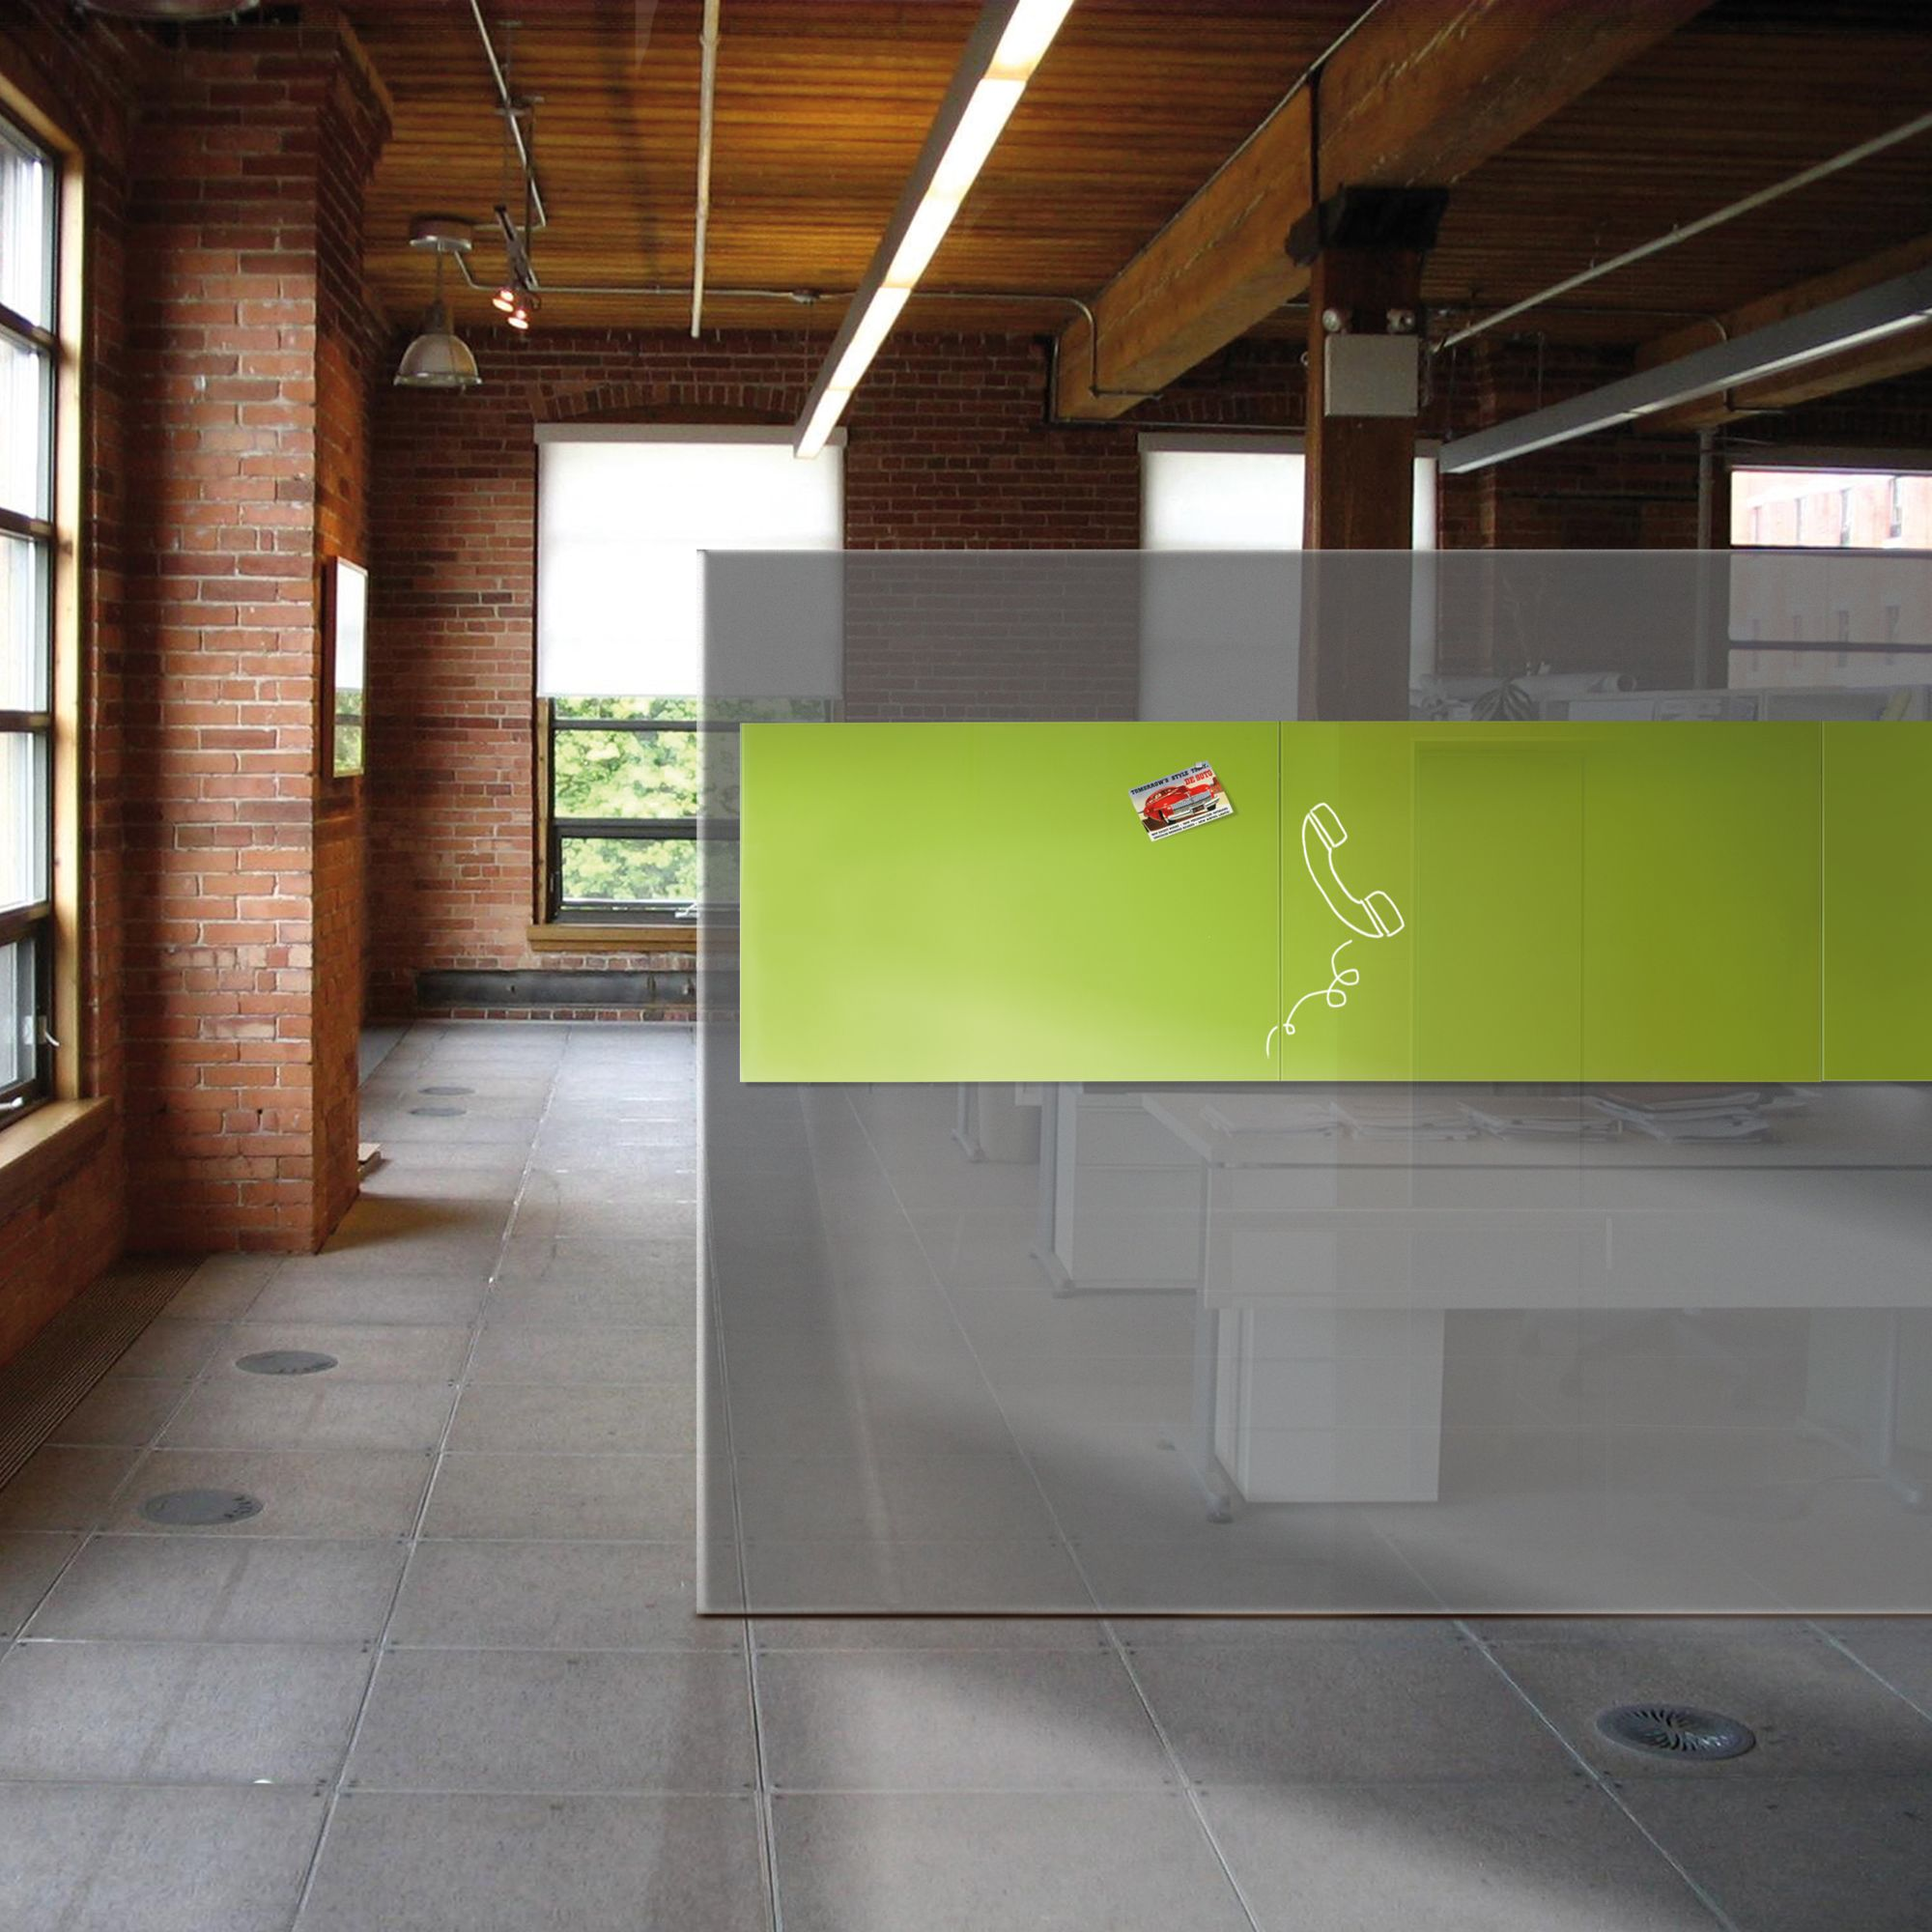 Lavagna Vertical Plan Green Centrufficio Loreto Spa Lavagna Arredamento Di Design Design